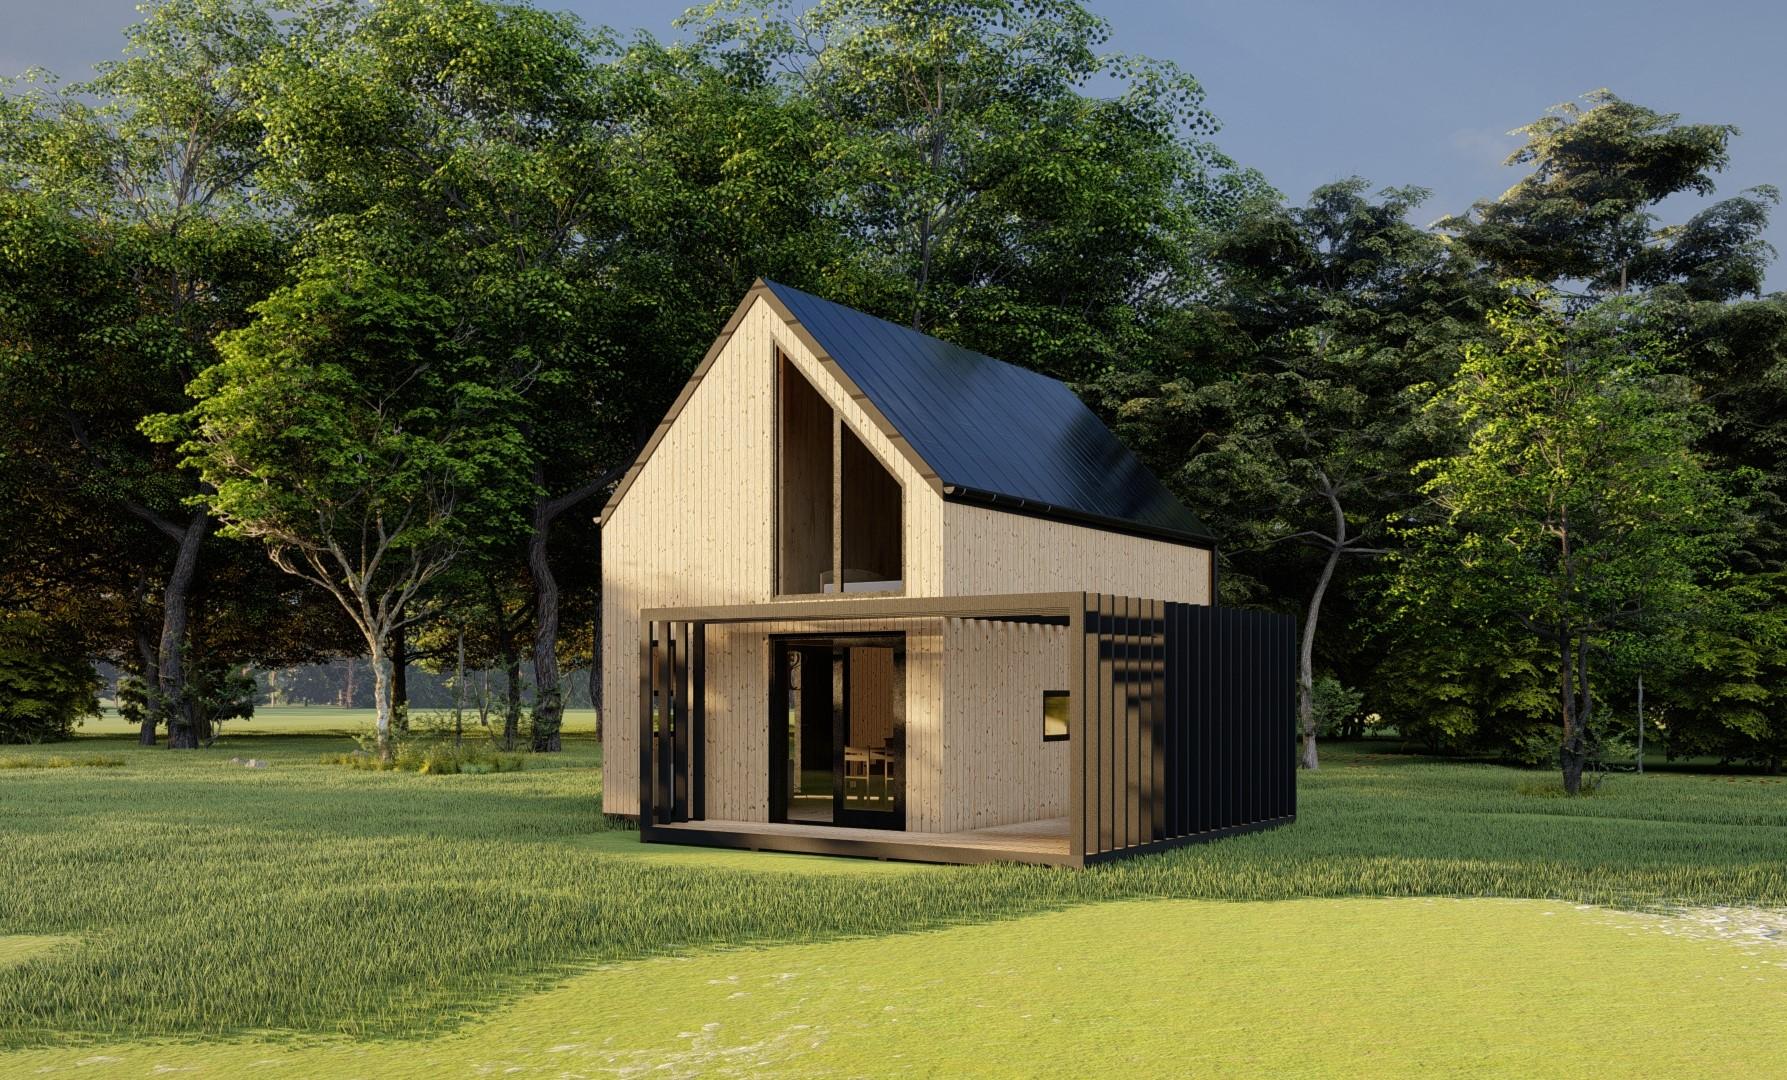 Projekt domu za miastem